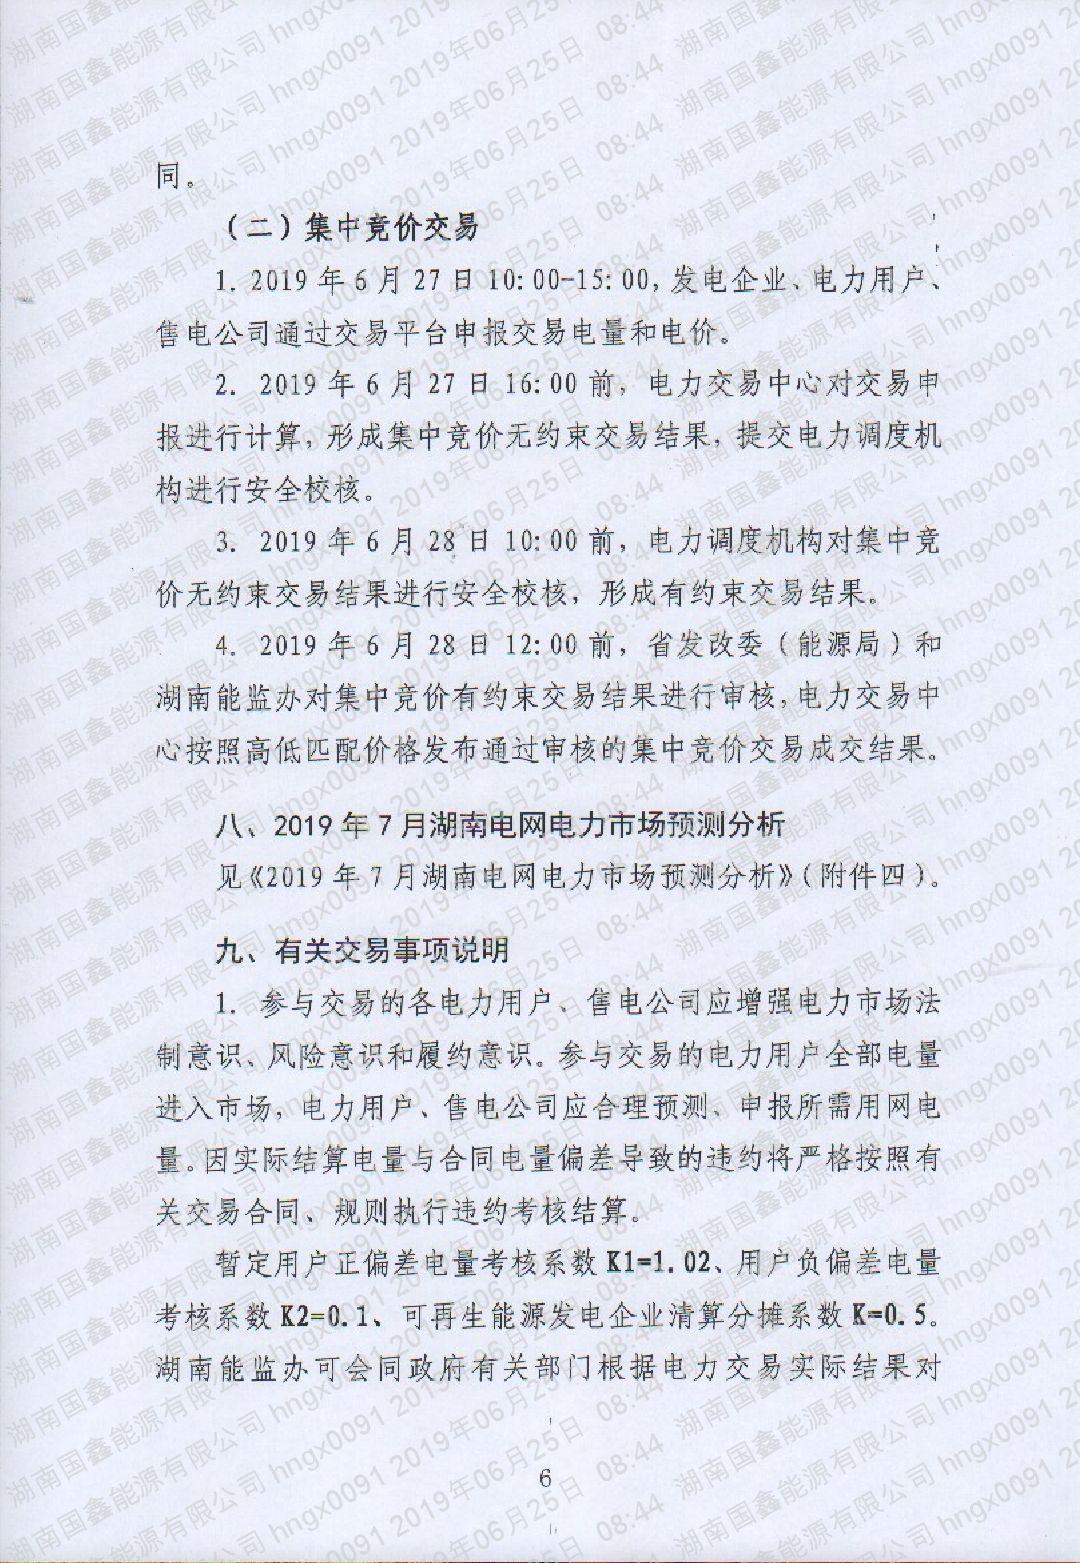 湖南電力交易中心有限公司關于2019年7月電力市場交易的公告(2019年13號).pdf_page_6_compressed_compressed.jpg